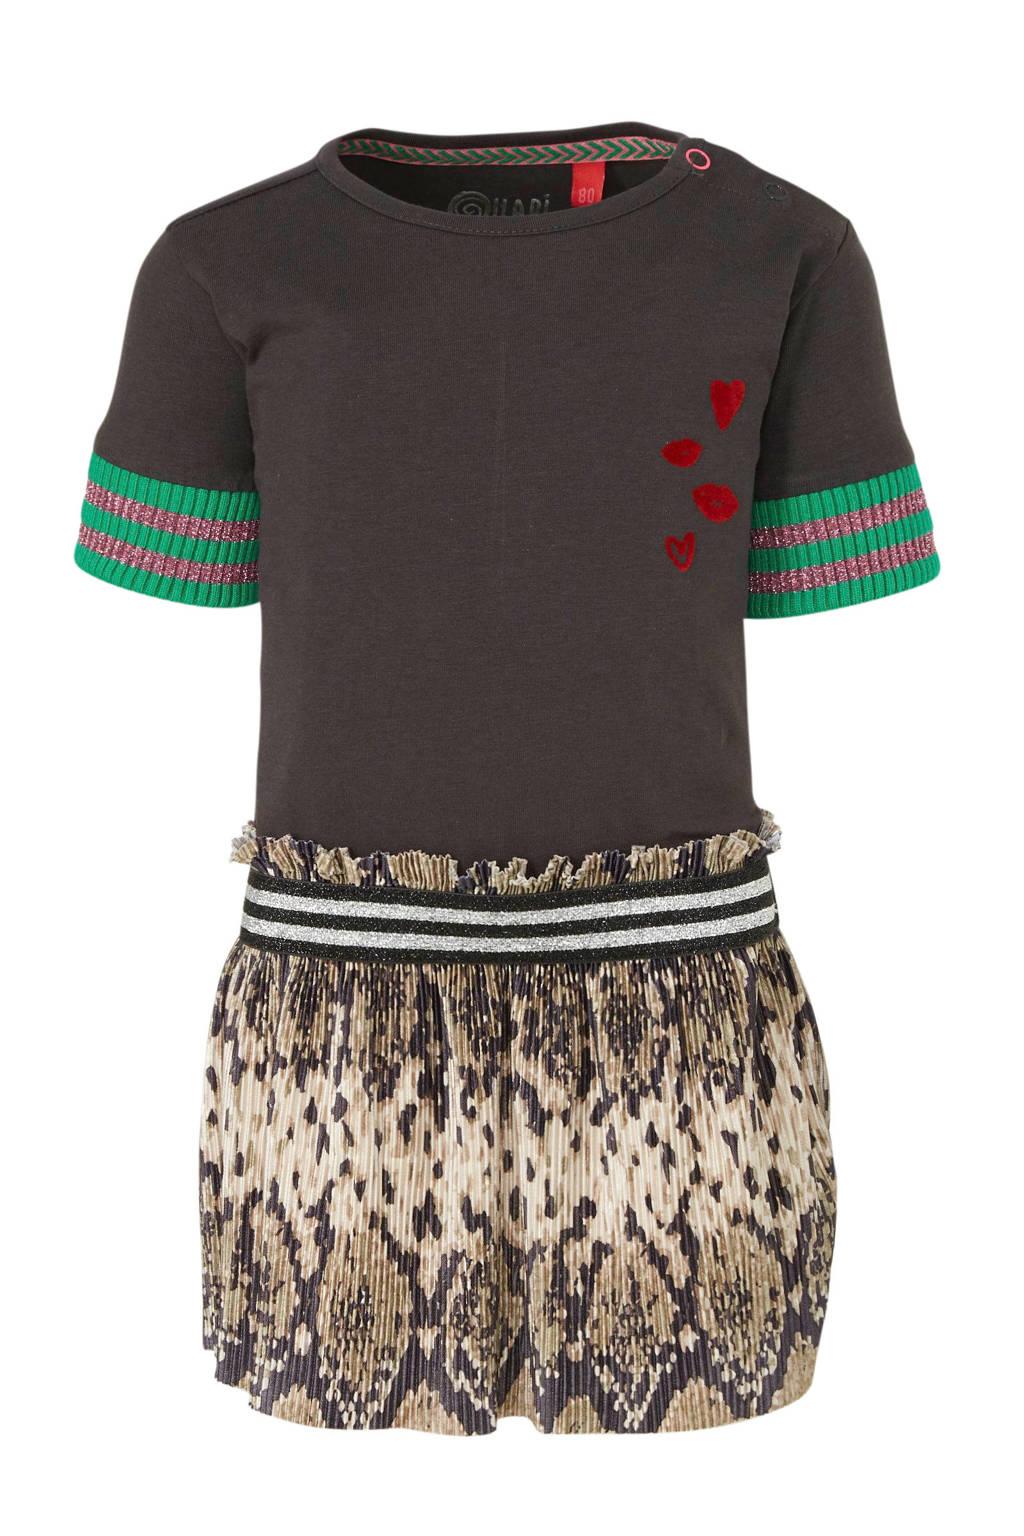 Quapi jersey jurk Bailey met slangenprint en borduursels antraciet/beige/groen, Antraciet/beige/groen